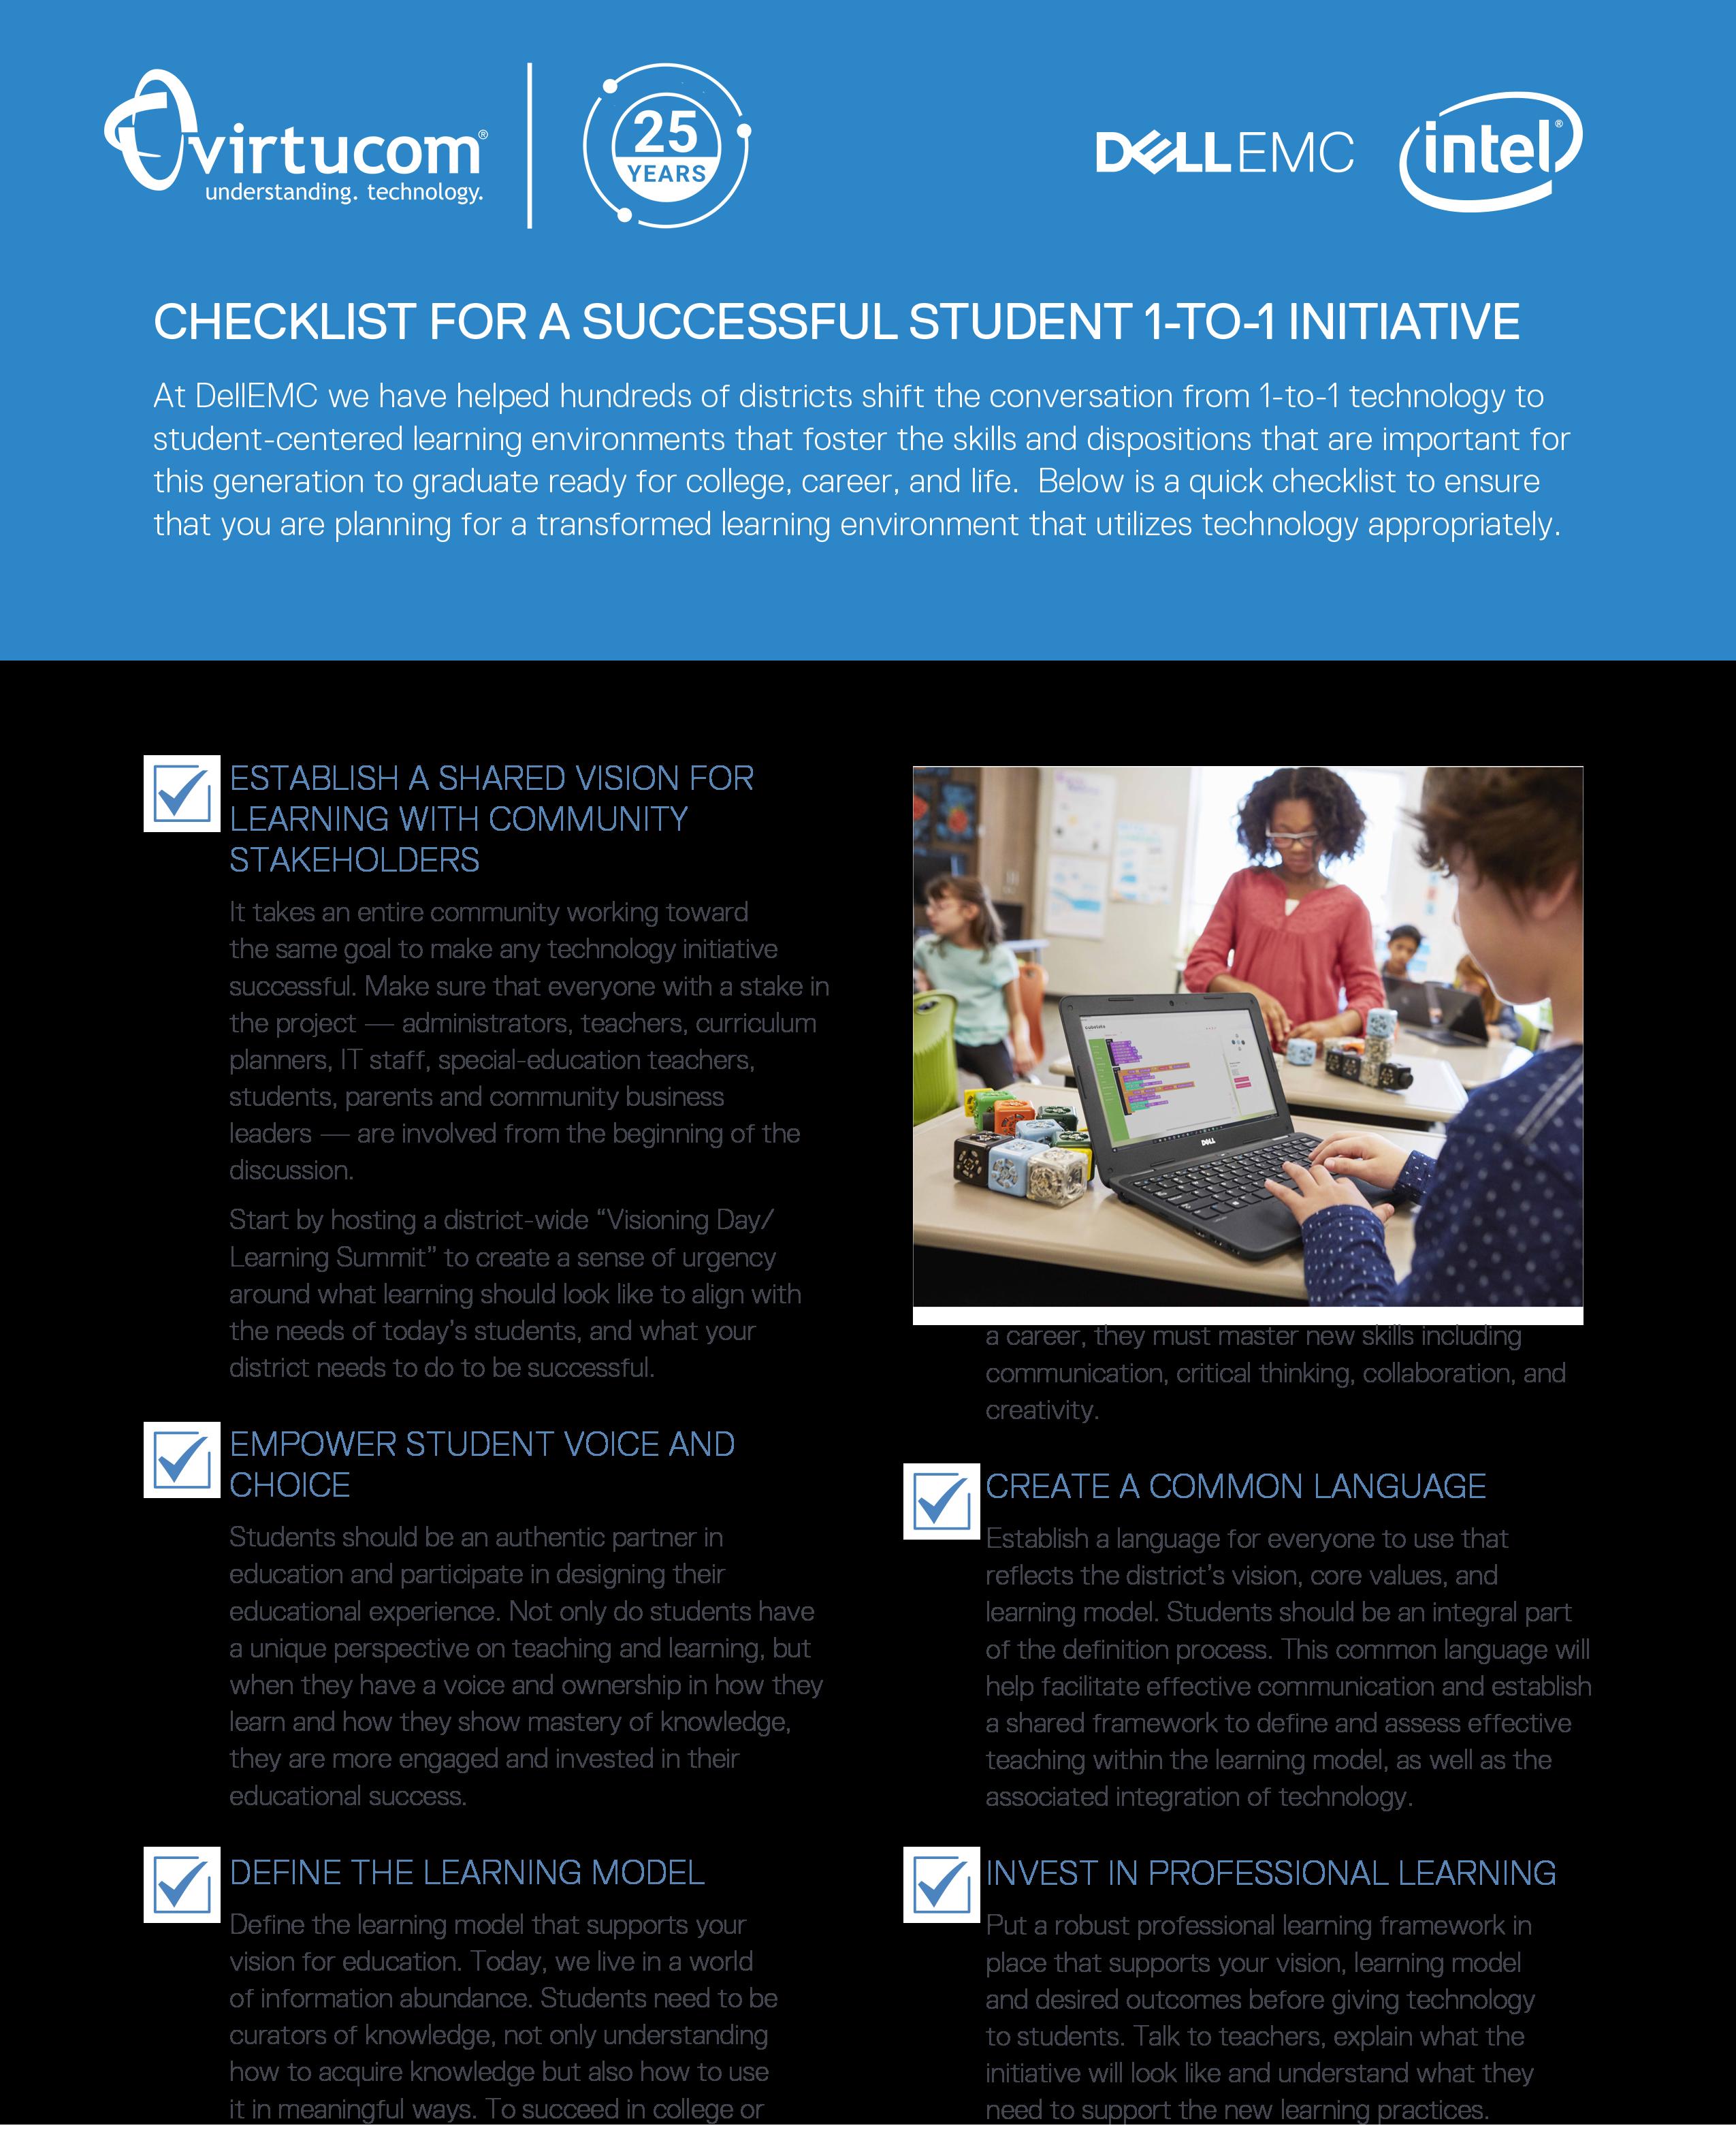 Dell's 1-1 Checklist